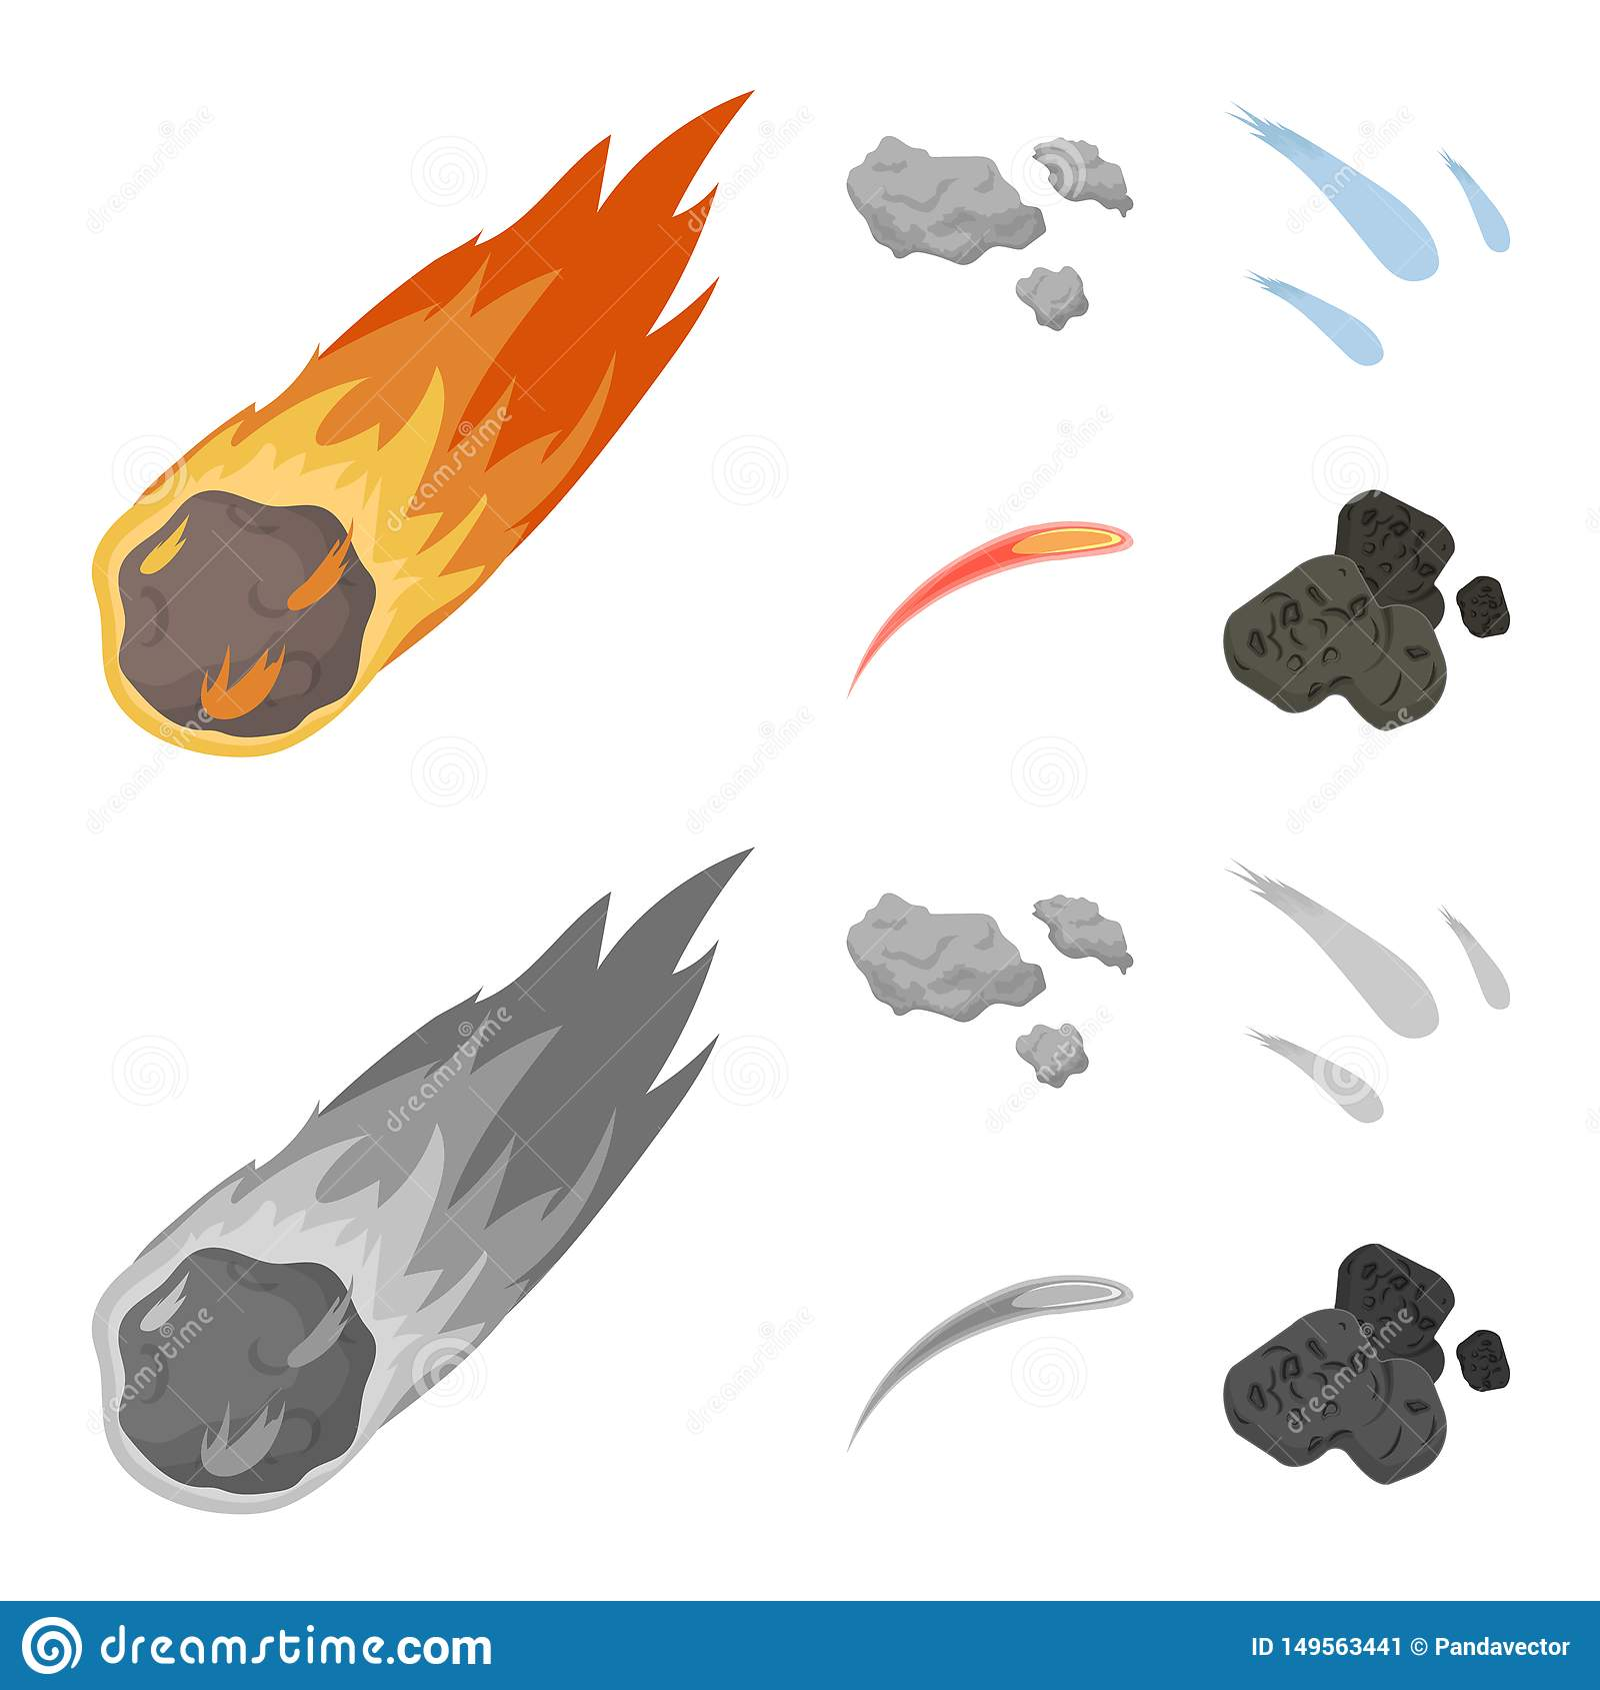 Ge?soleerd voorwerp van het schieten en brandsymbool Inzameling van het schieten en stervormig vectorpictogram voor voorraad